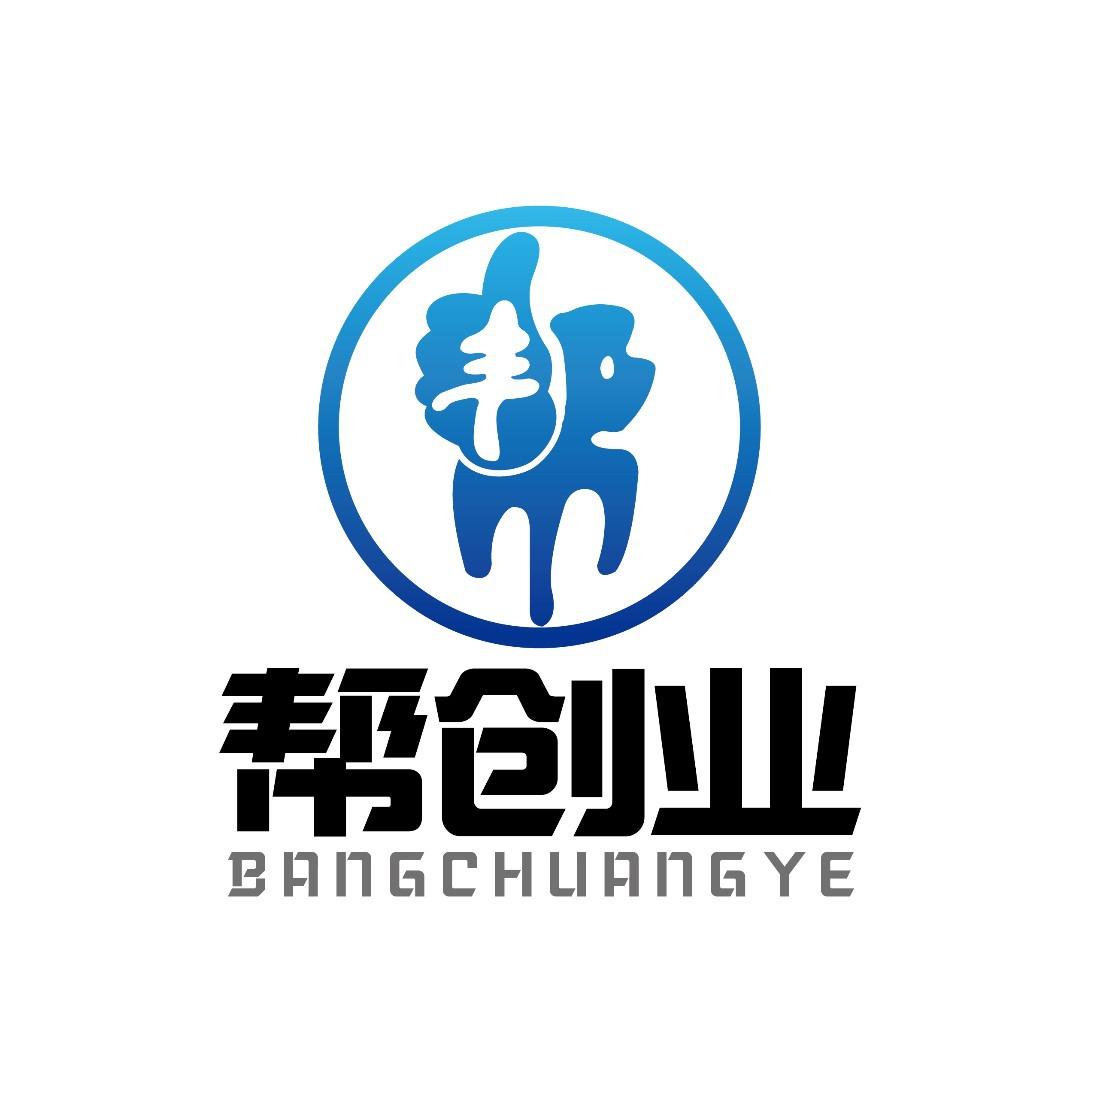 北京帮创业企业管理有限公司